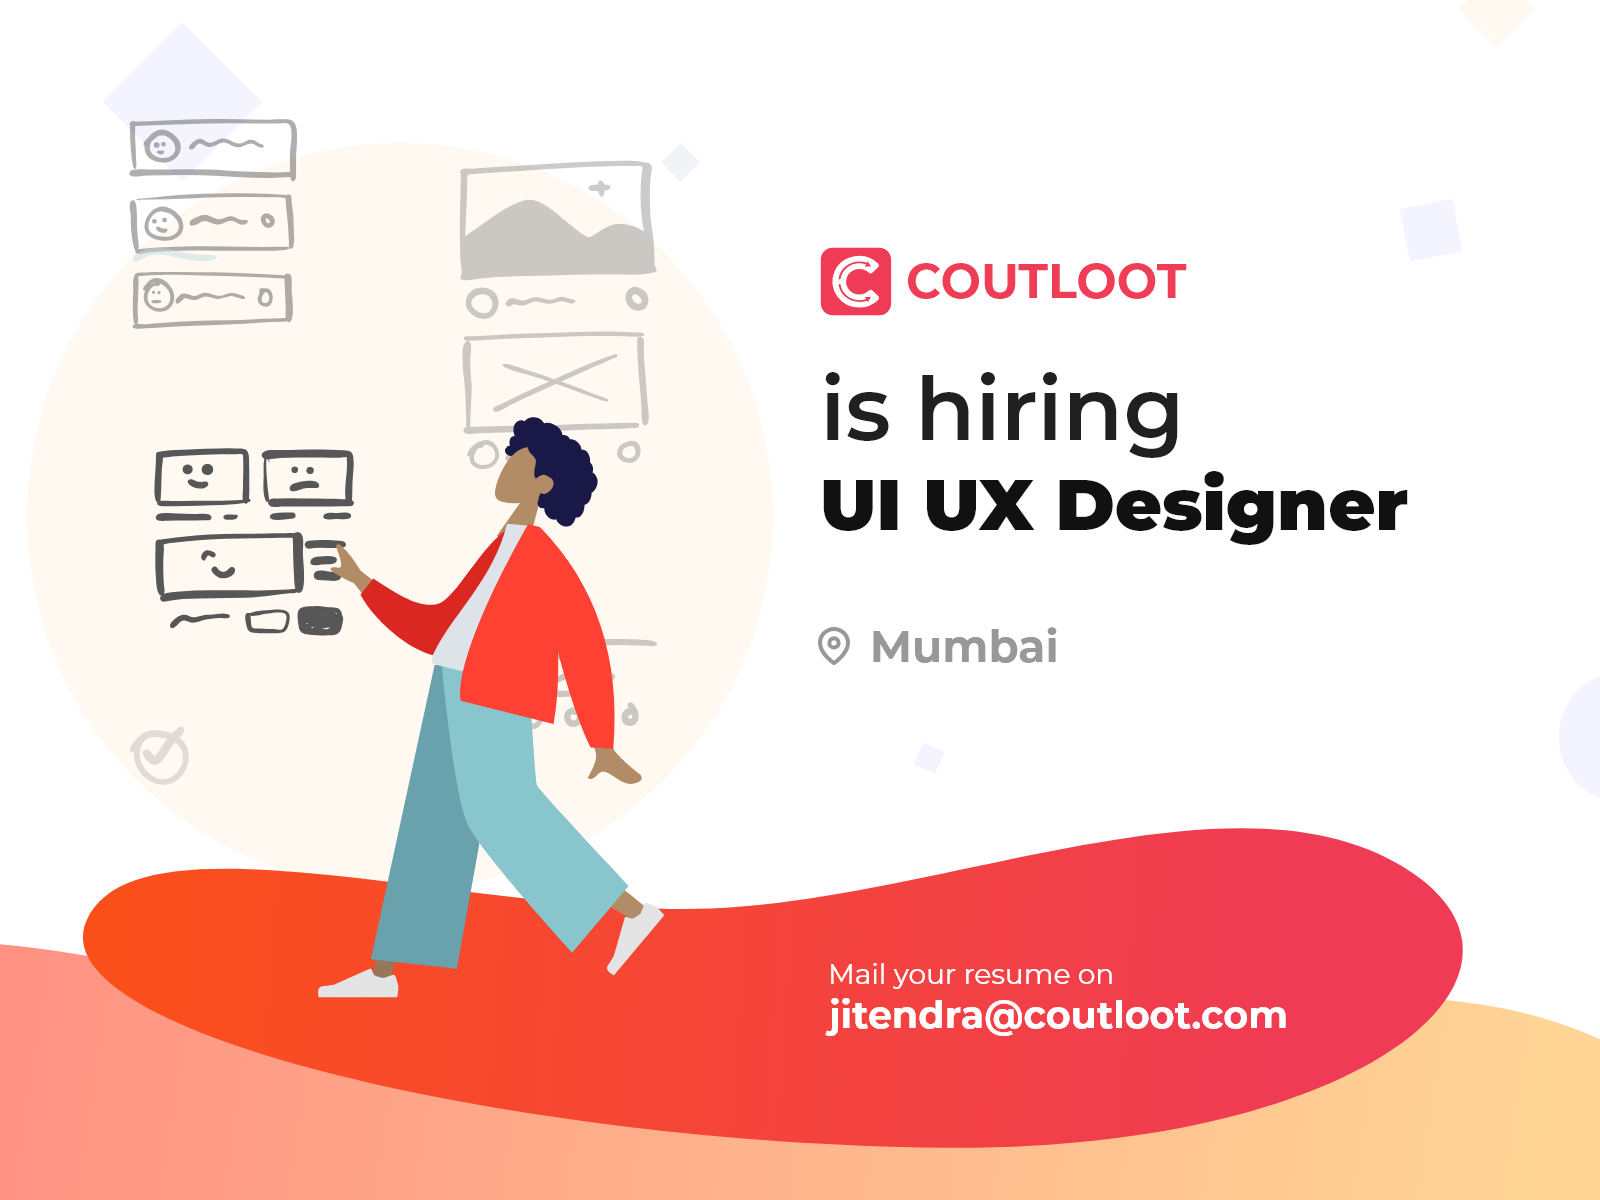 Coutloot Is Hiring Ui Ux Designer By Jitu Raut On Dribbble